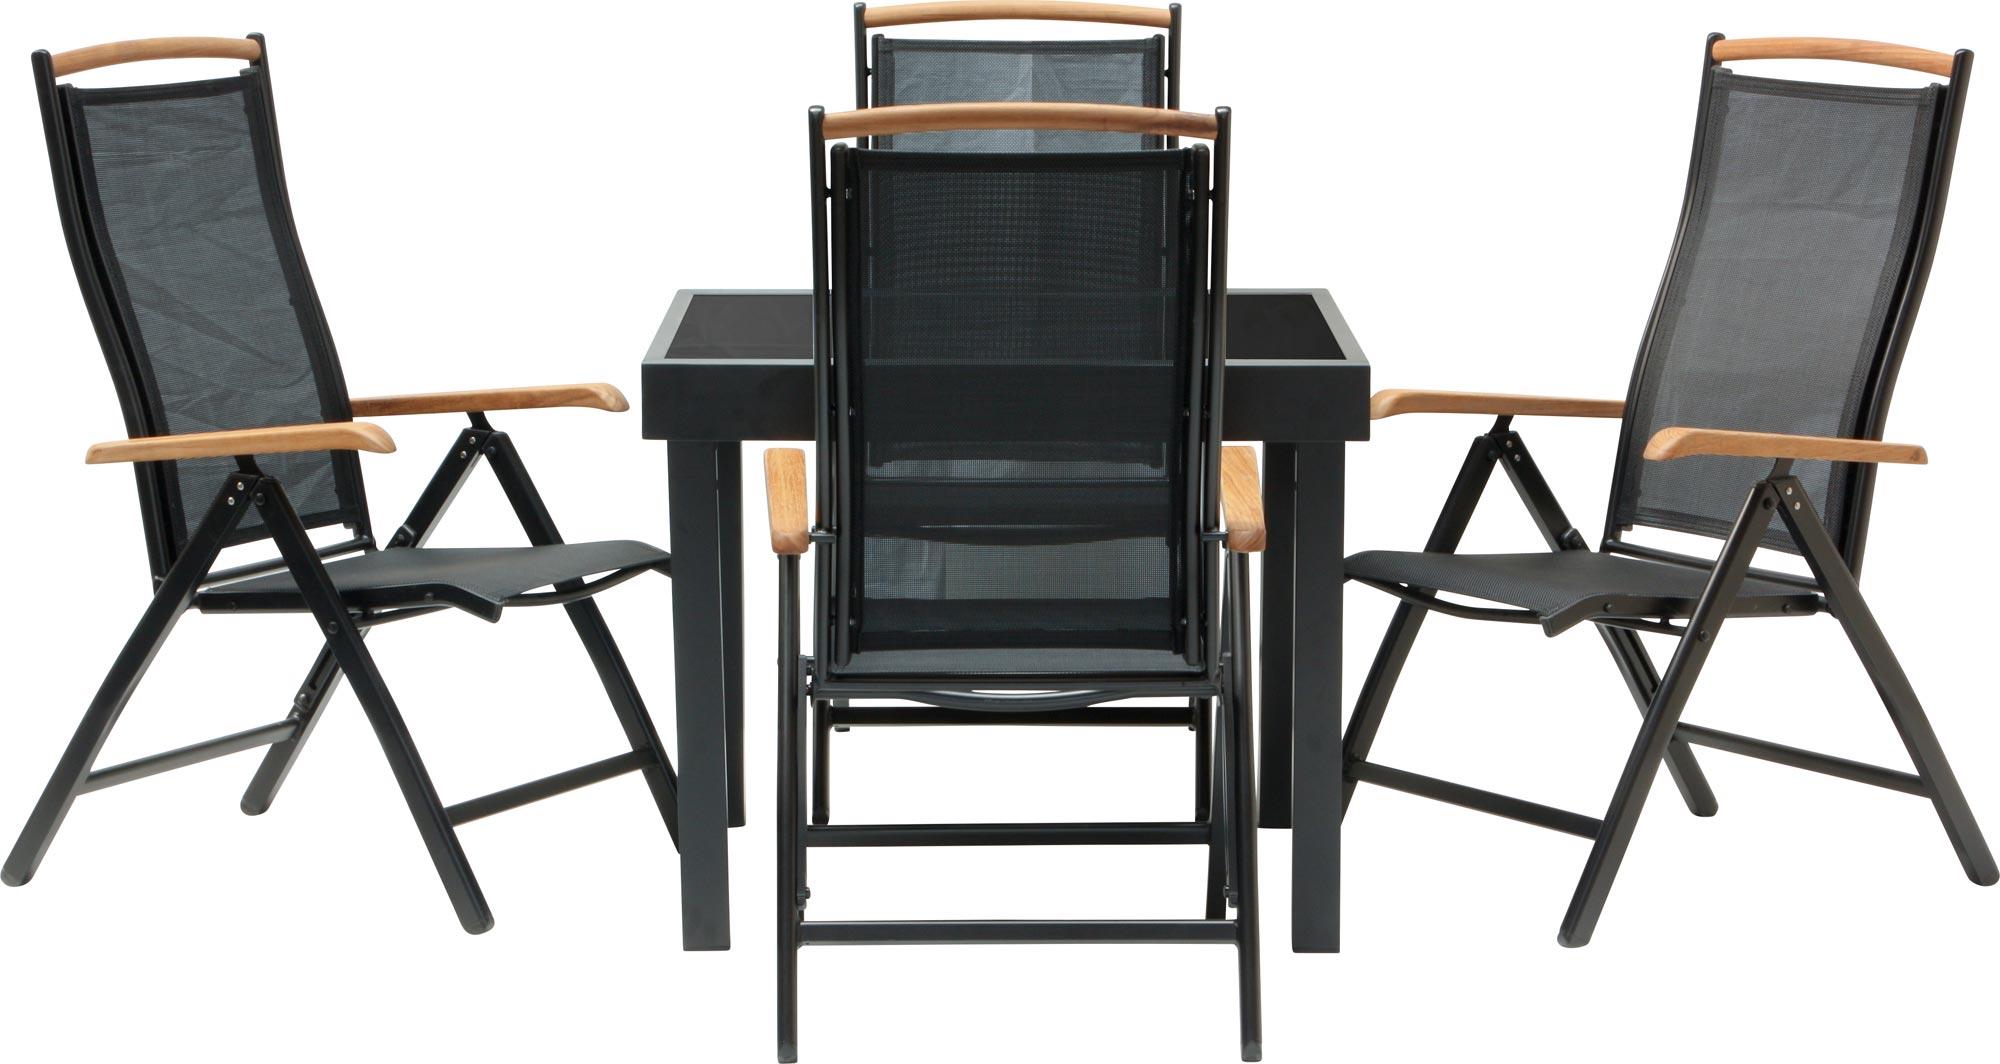 Salon de jardin diplomat quadro noir chaise pliable 3 for Chaises pliables